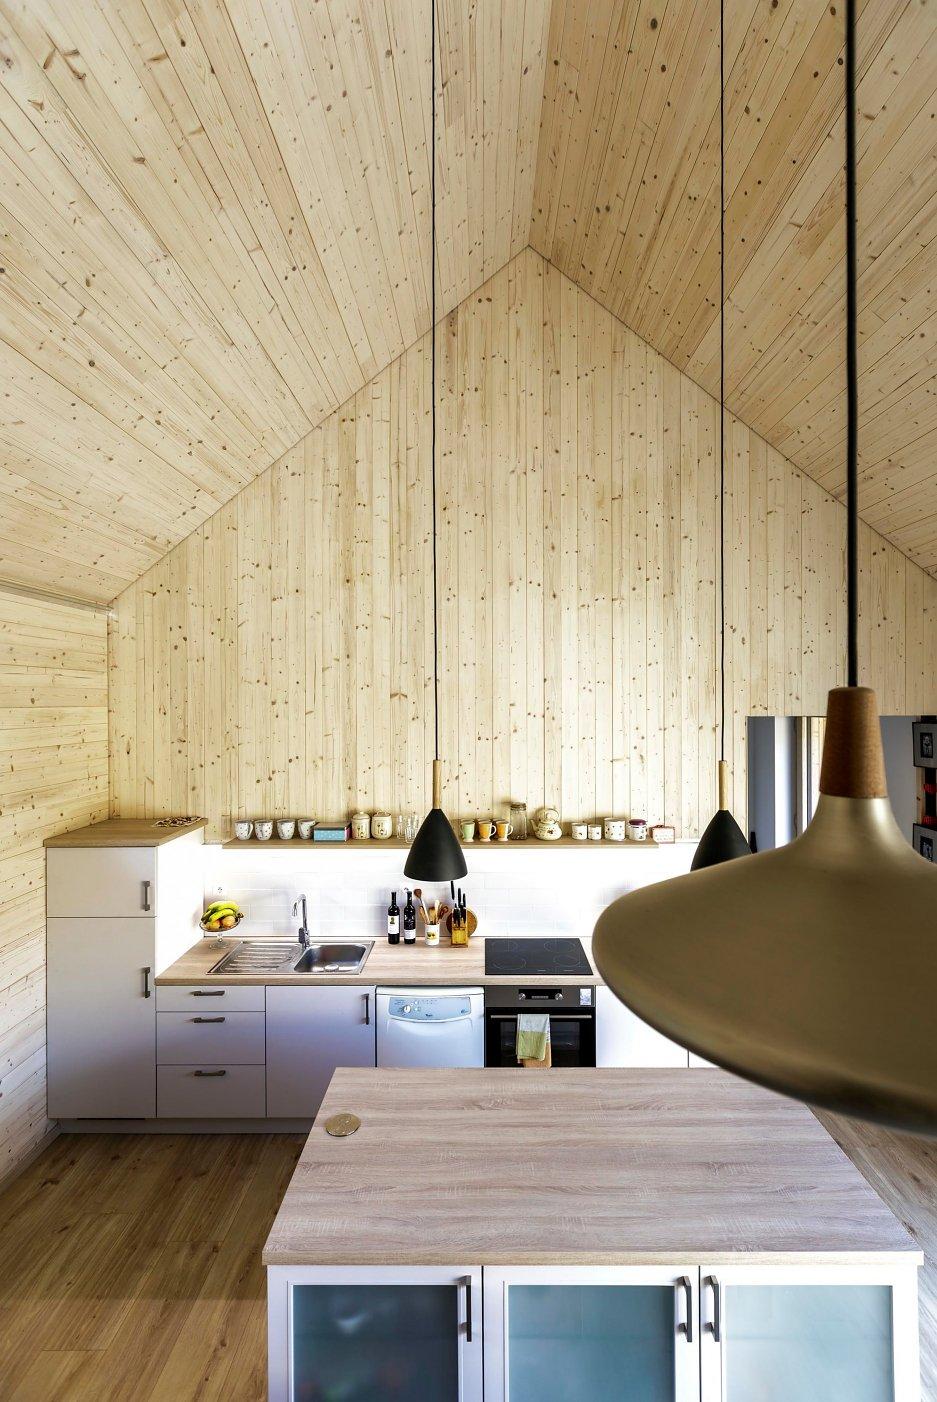 víkendový dom interiér